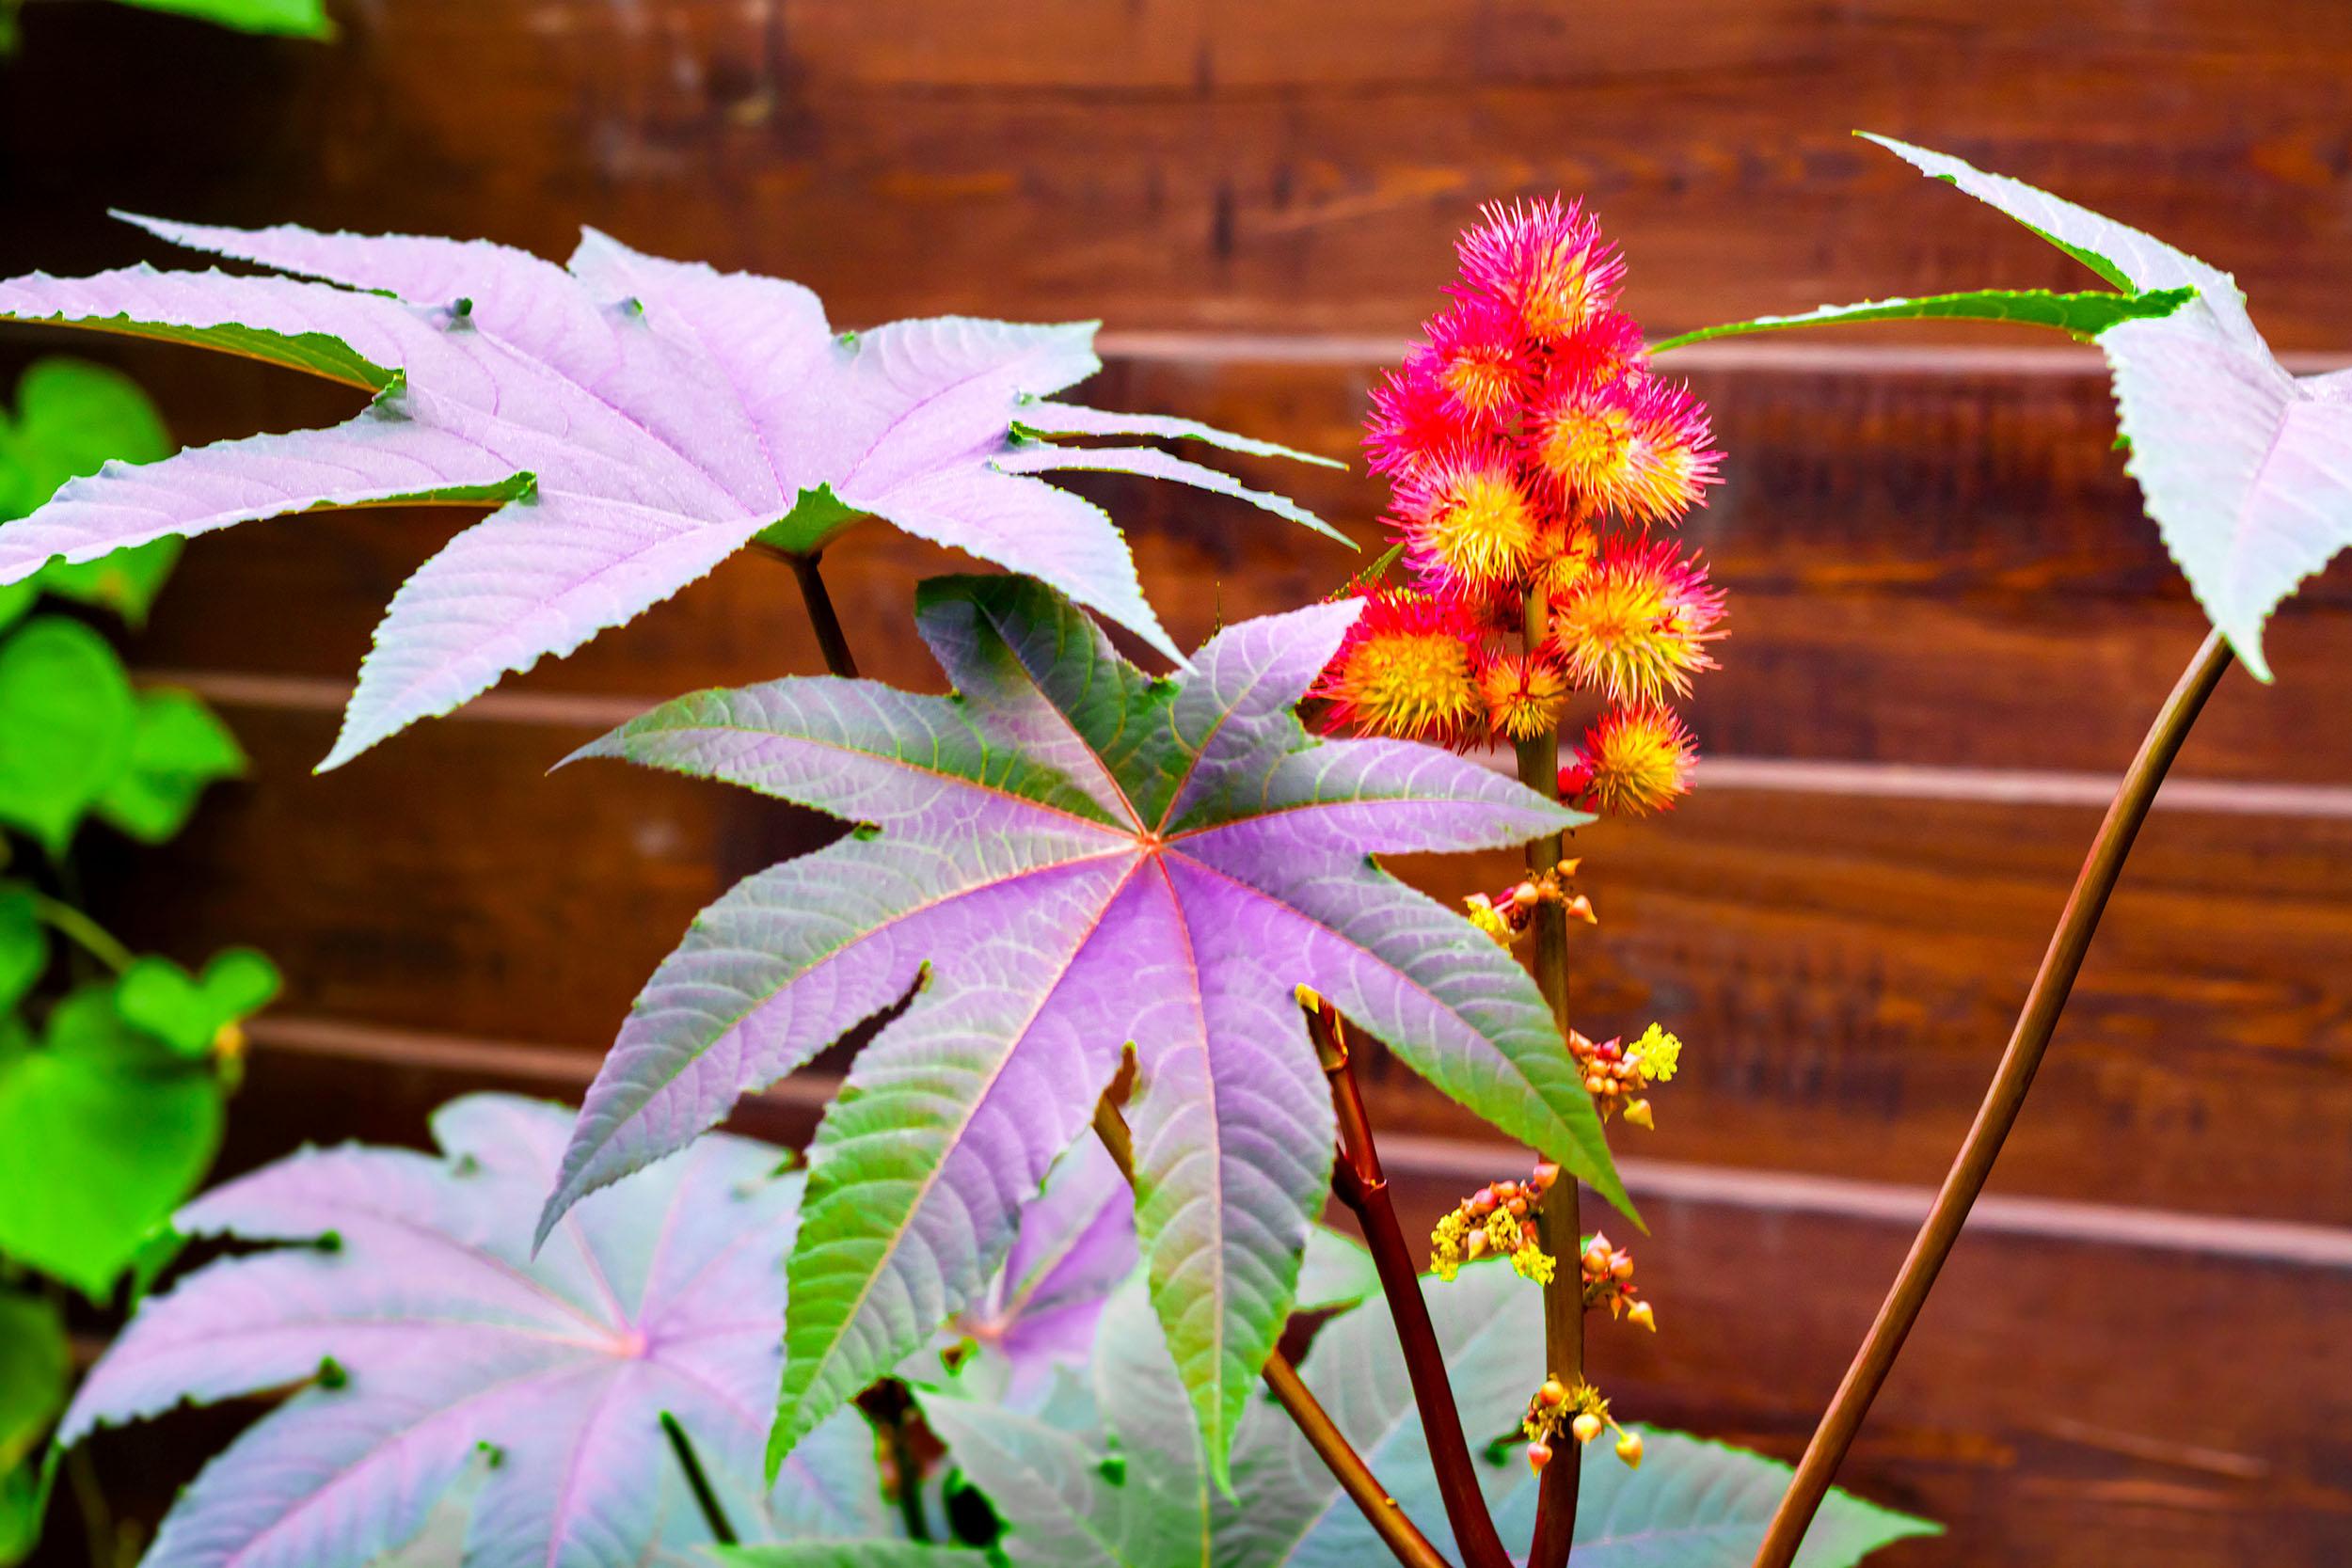 Ricinus communis -- castor bean plant